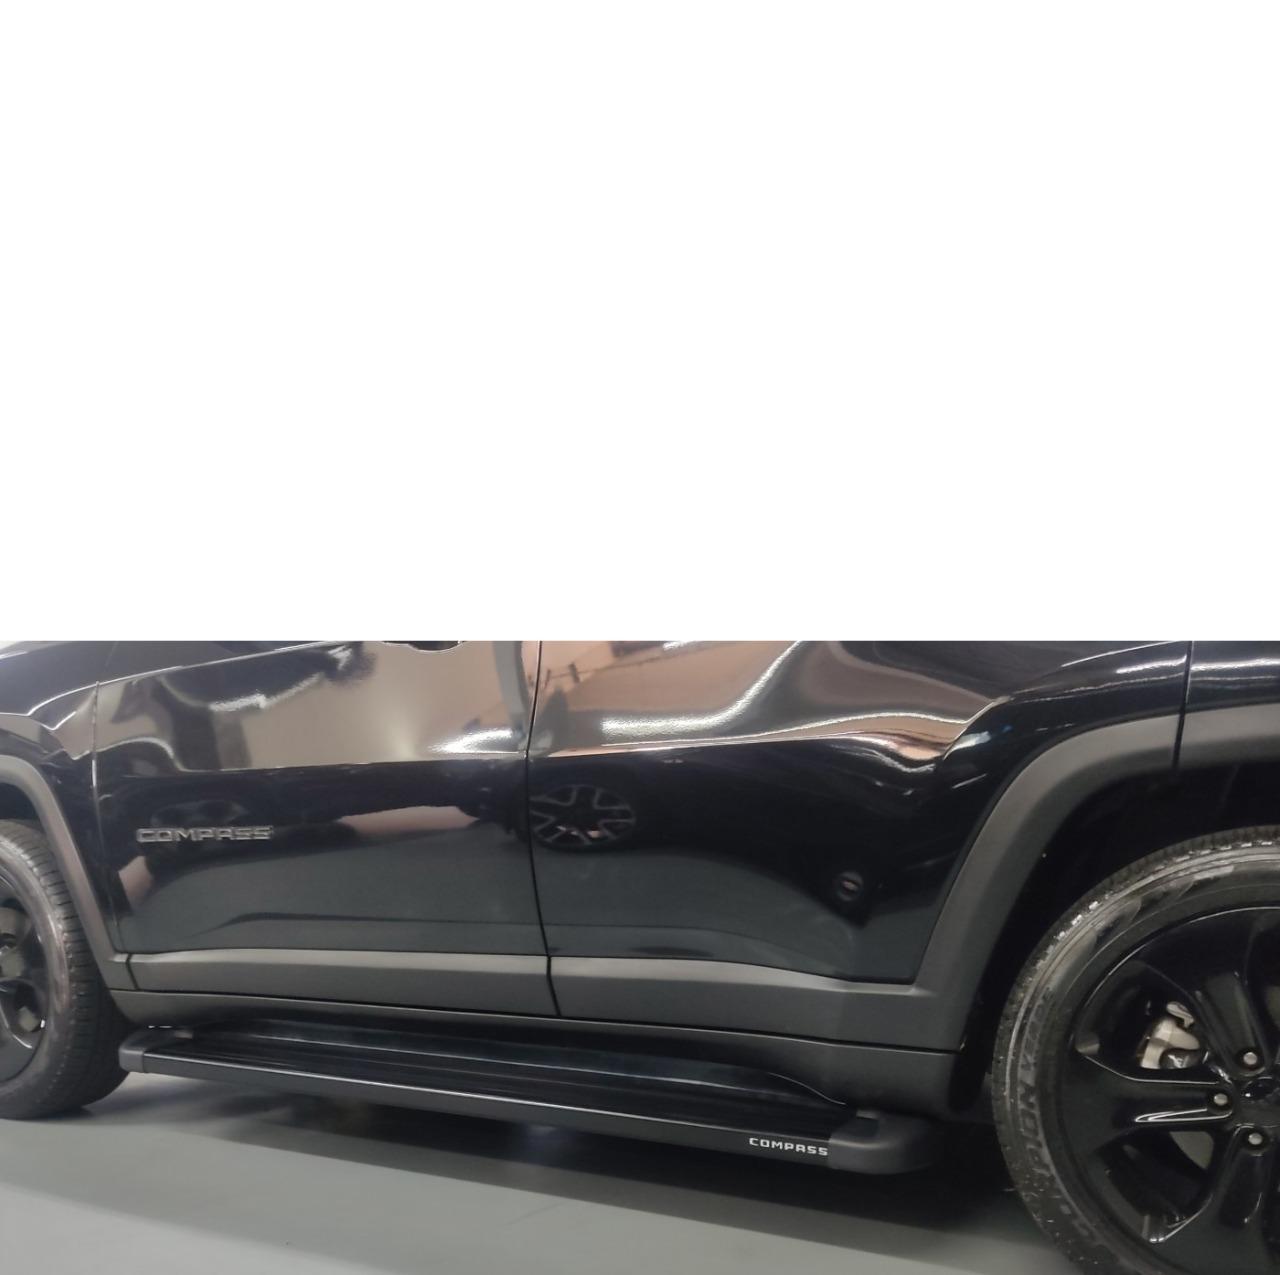 Estribo Jeep Compass Plataforma Preto em Alumínio